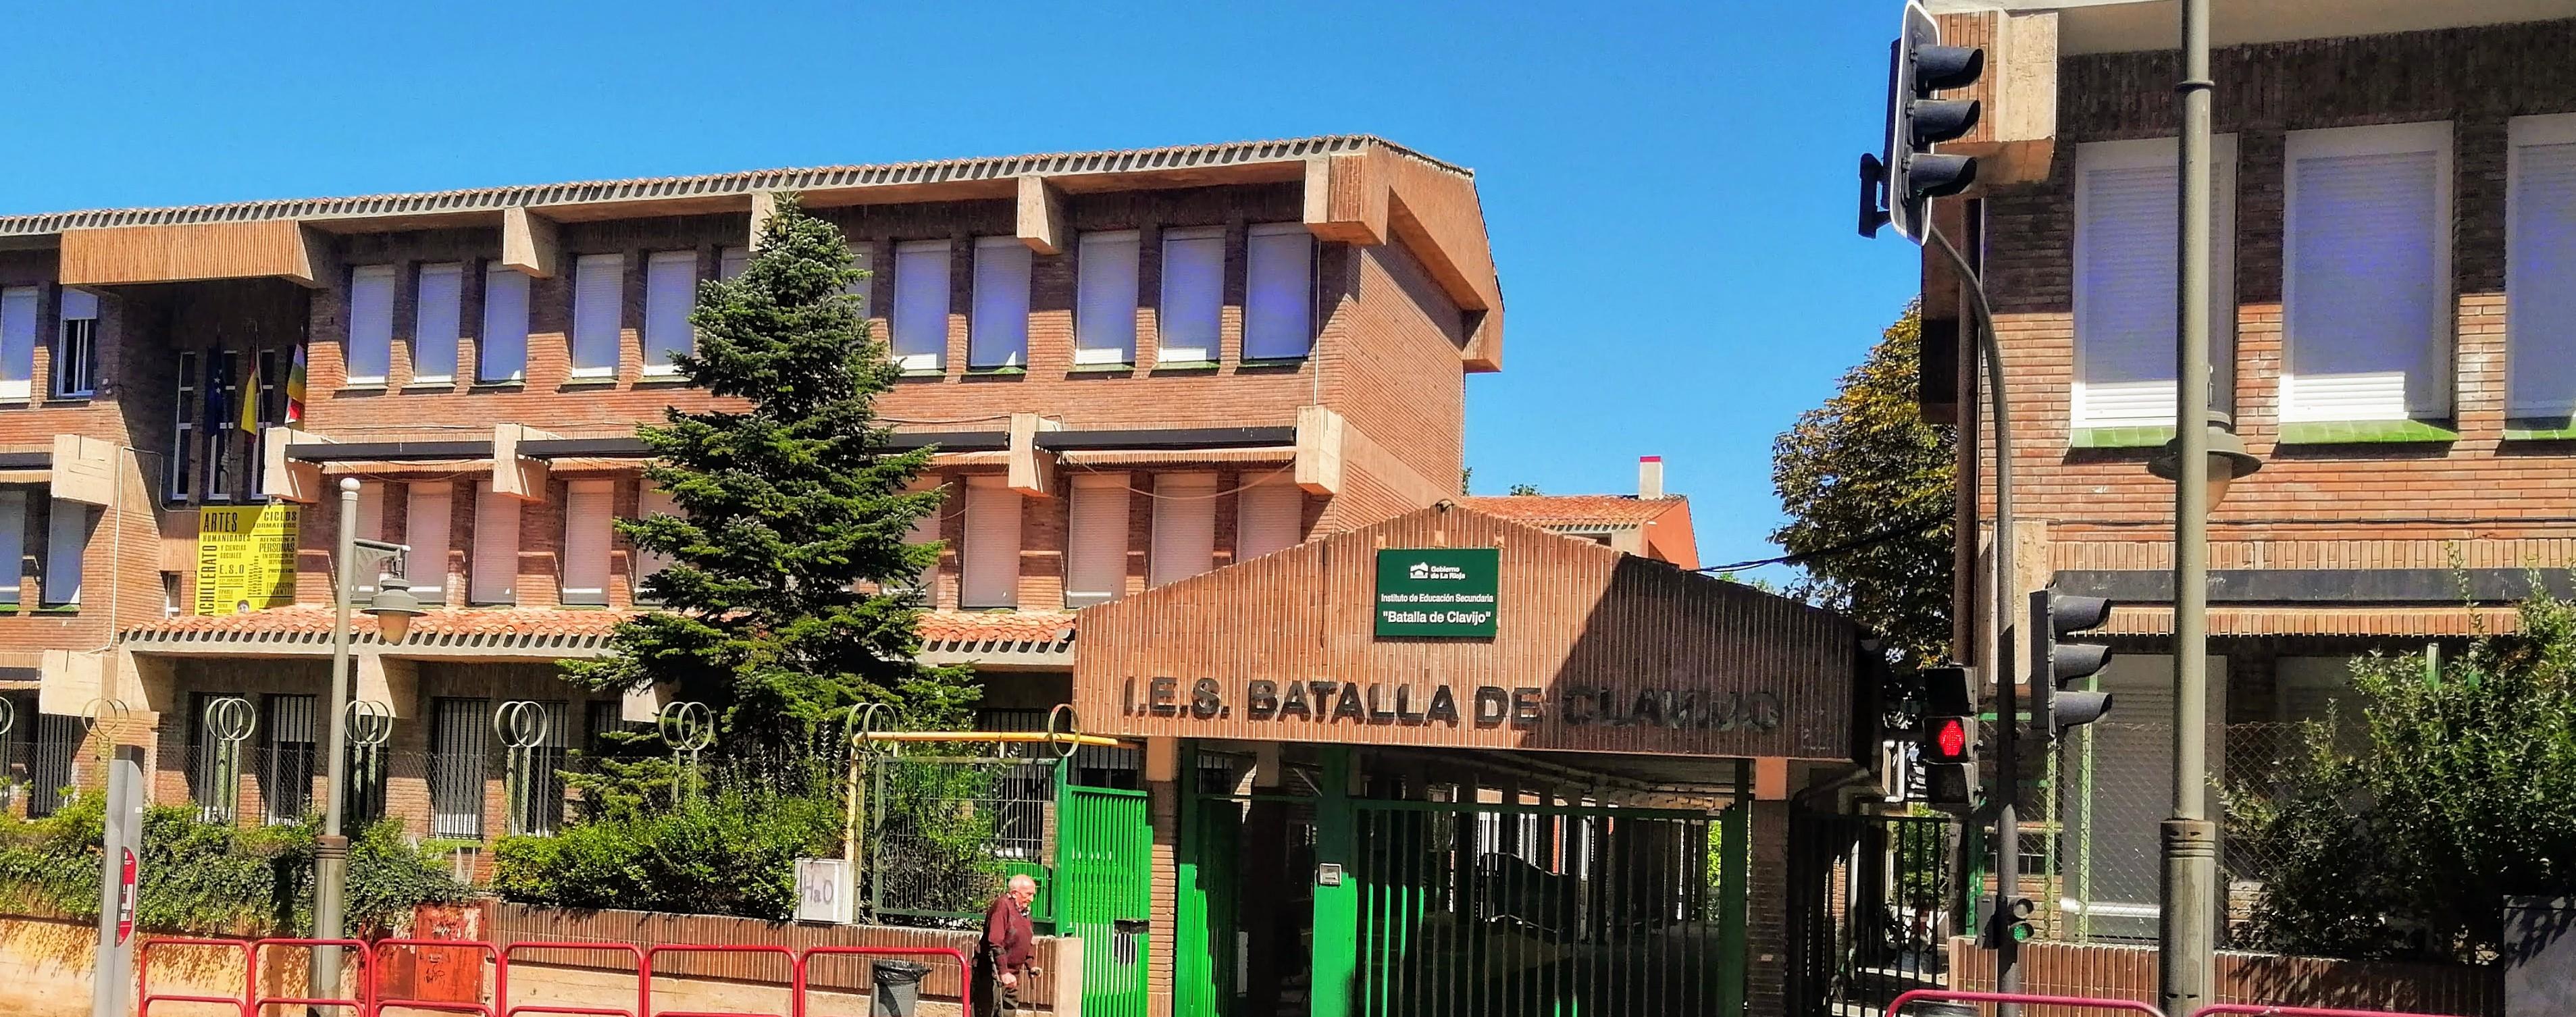 Os damos la bienvenida a la web del Instituto de Educación Secundaria Batalla de Clavijo